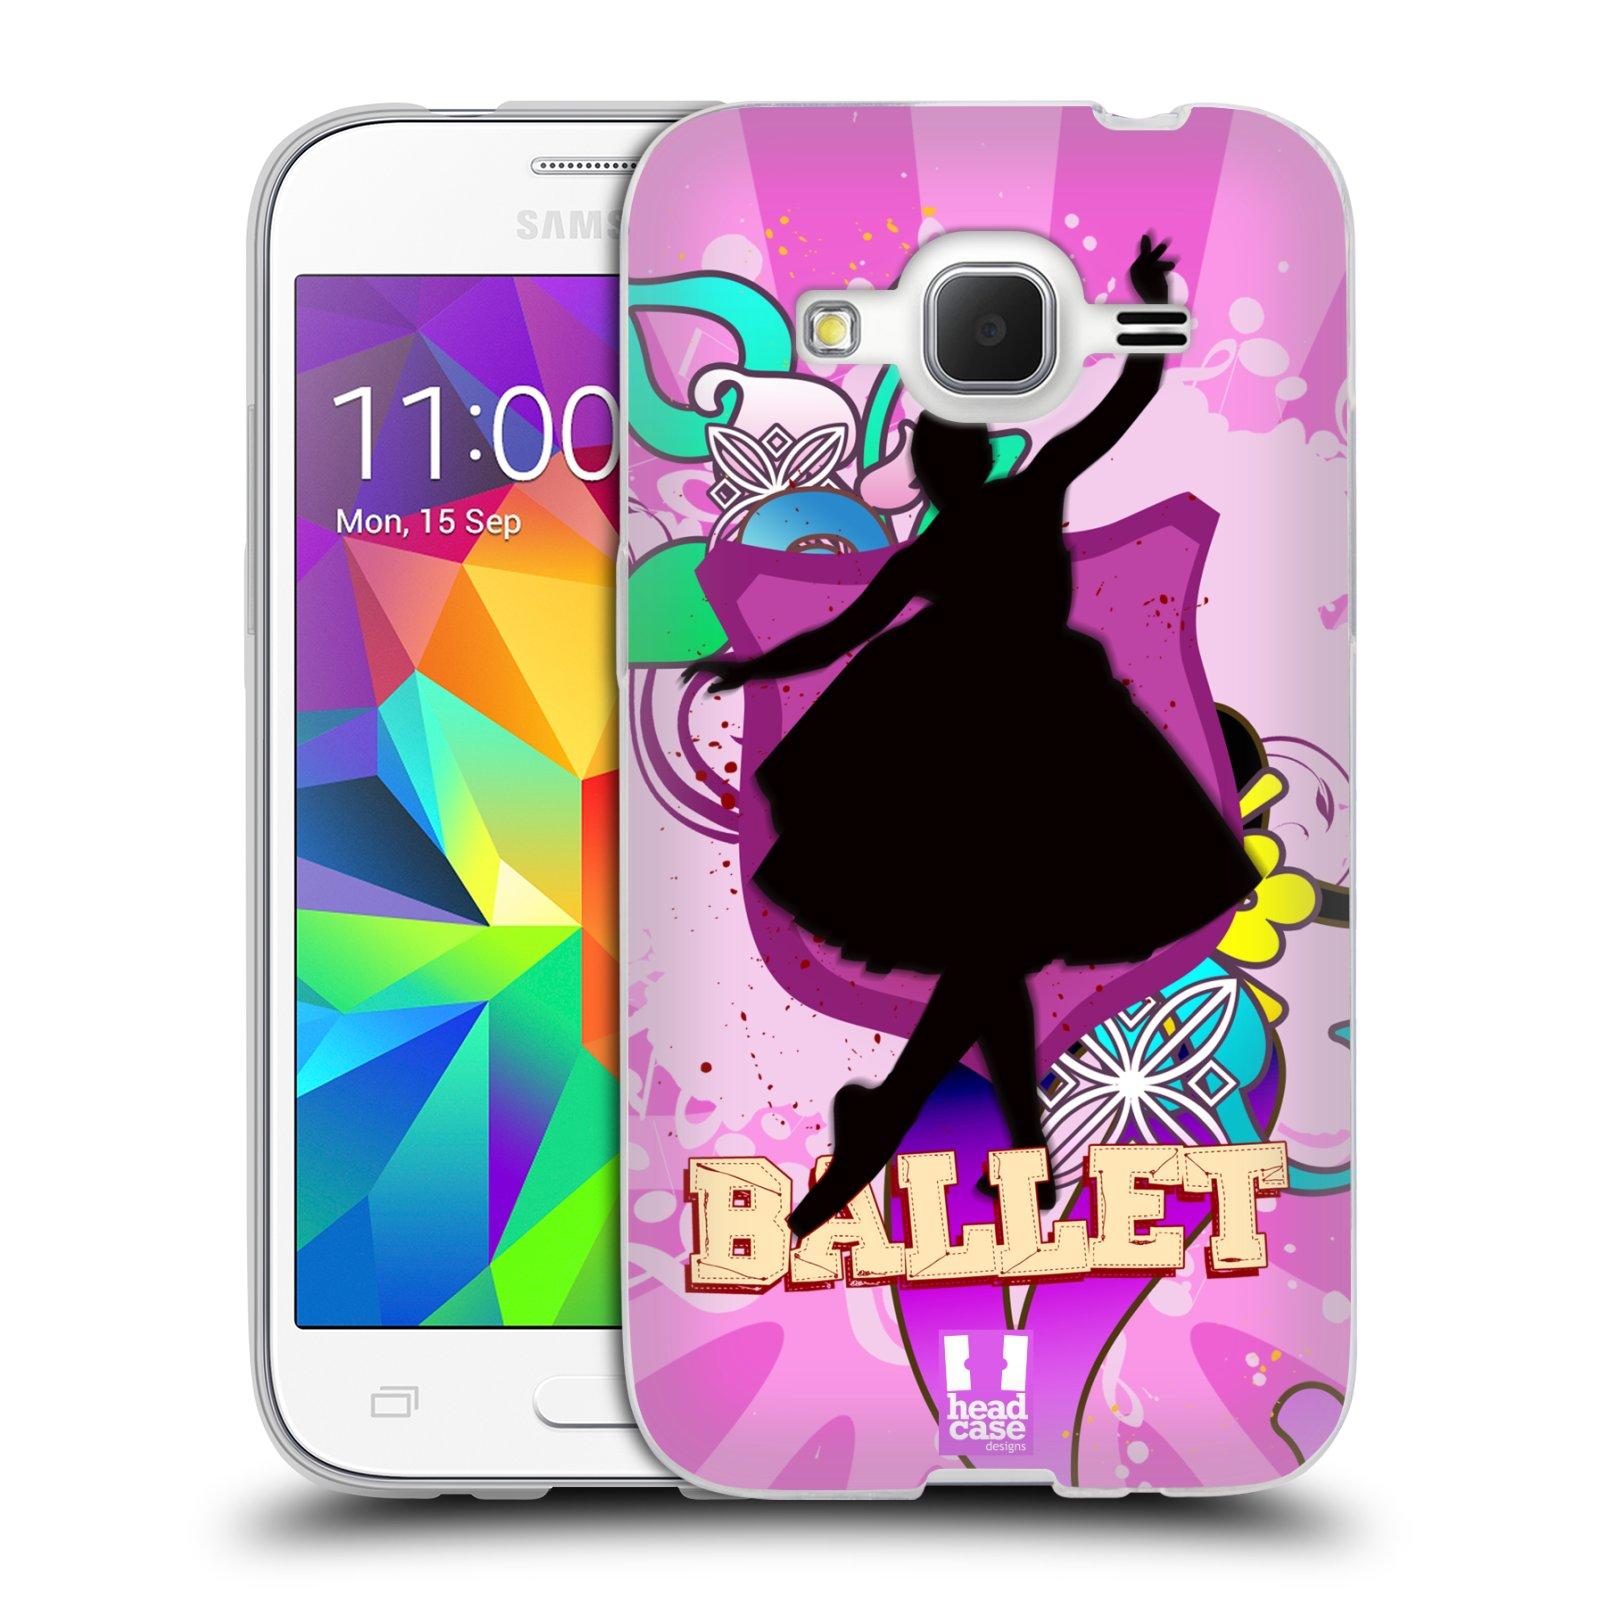 HEAD CASE silikonový obal na mobil Samsung Galaxy Core Prime (G360) vzor TANEC SILUETA BALET FIALOVÁ